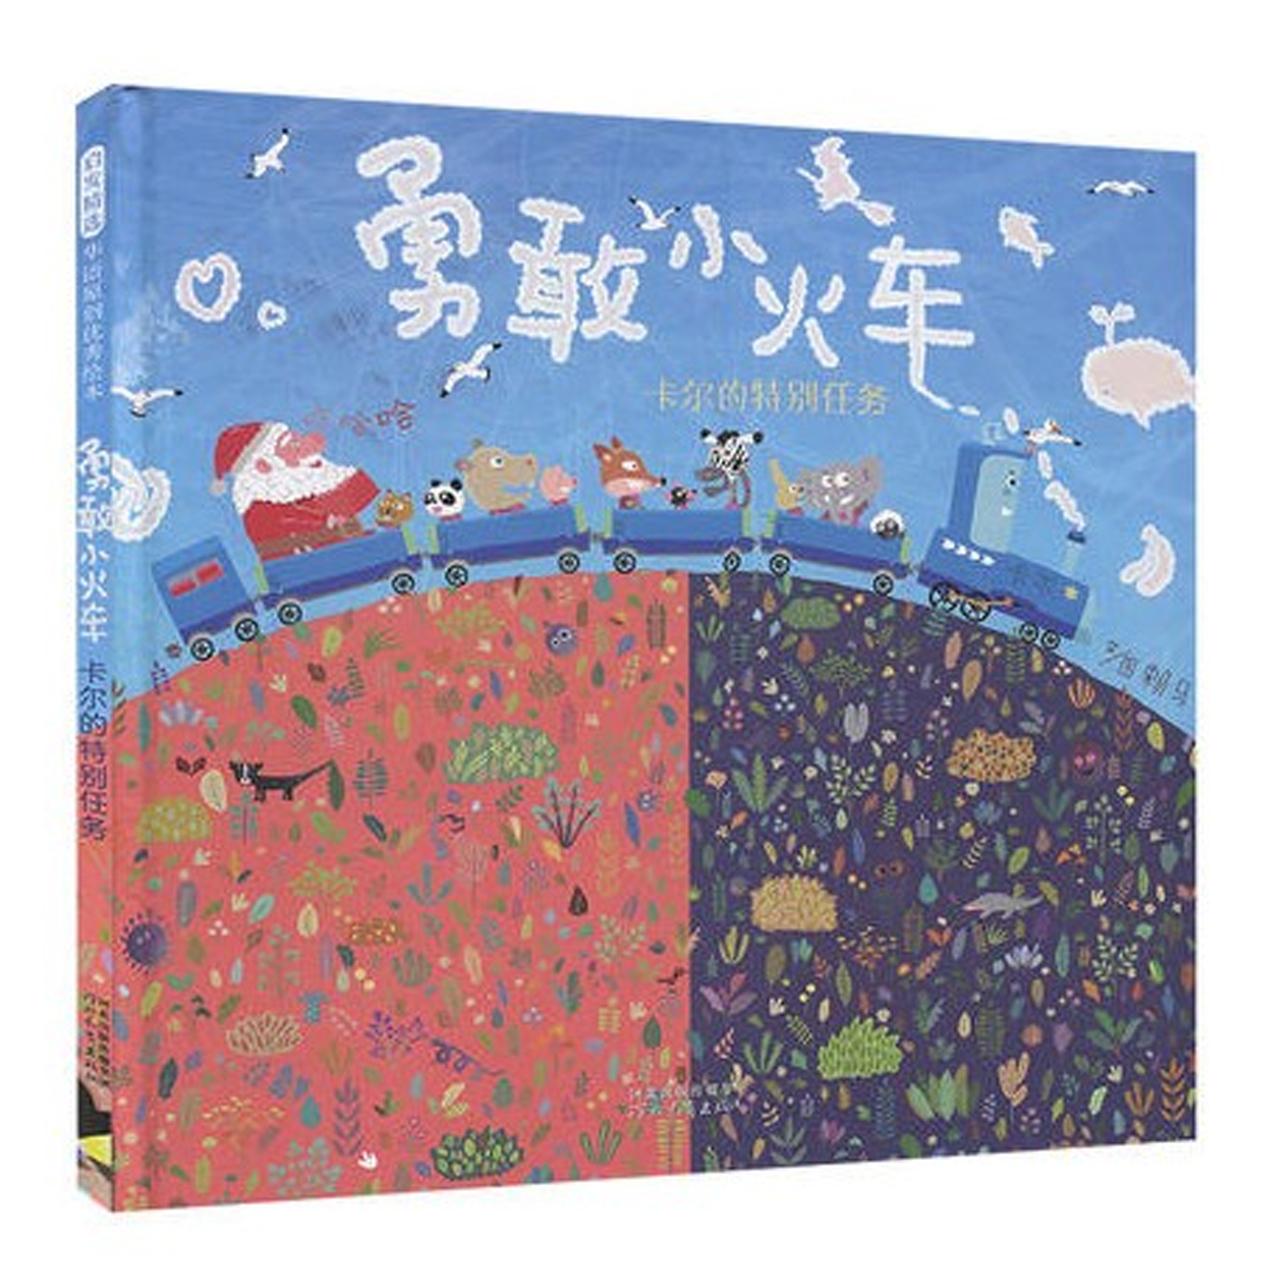 勇敢小火车【儿童绘本/简体绘本/幻想冒险】